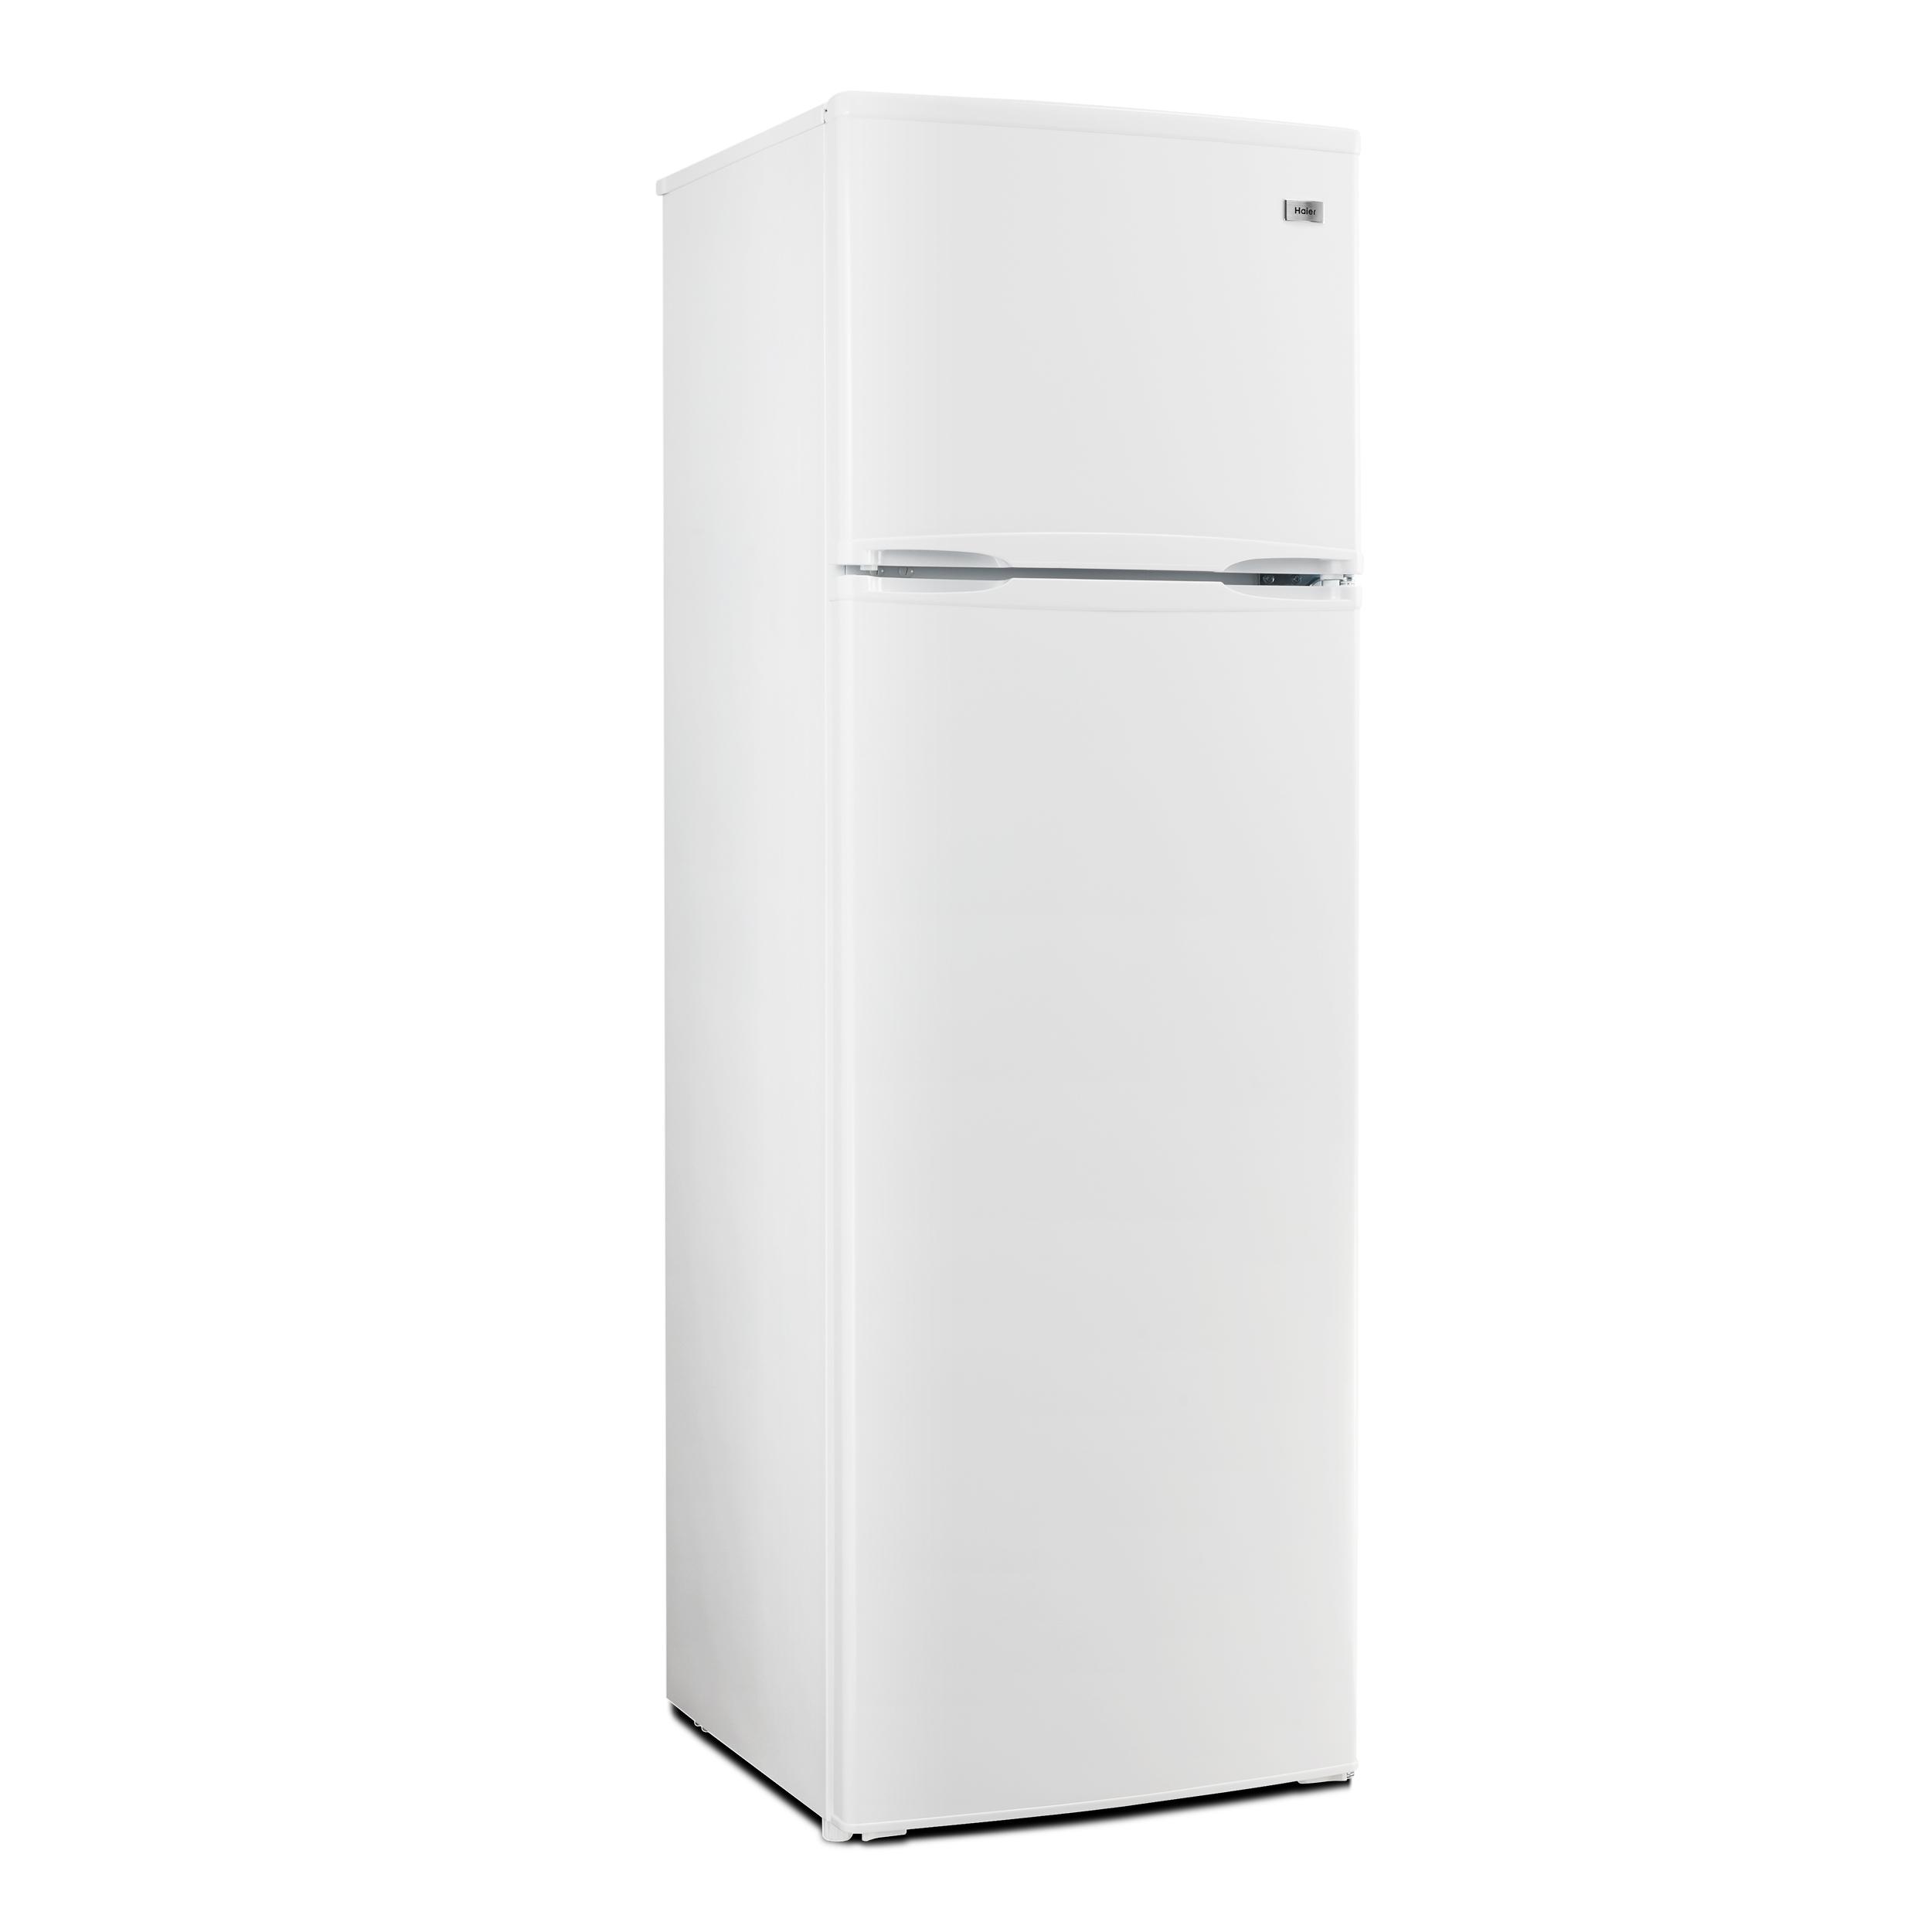 하이얼 1등급 일반소형냉장고 252L 방문설치, HRT260MDW(화이트)